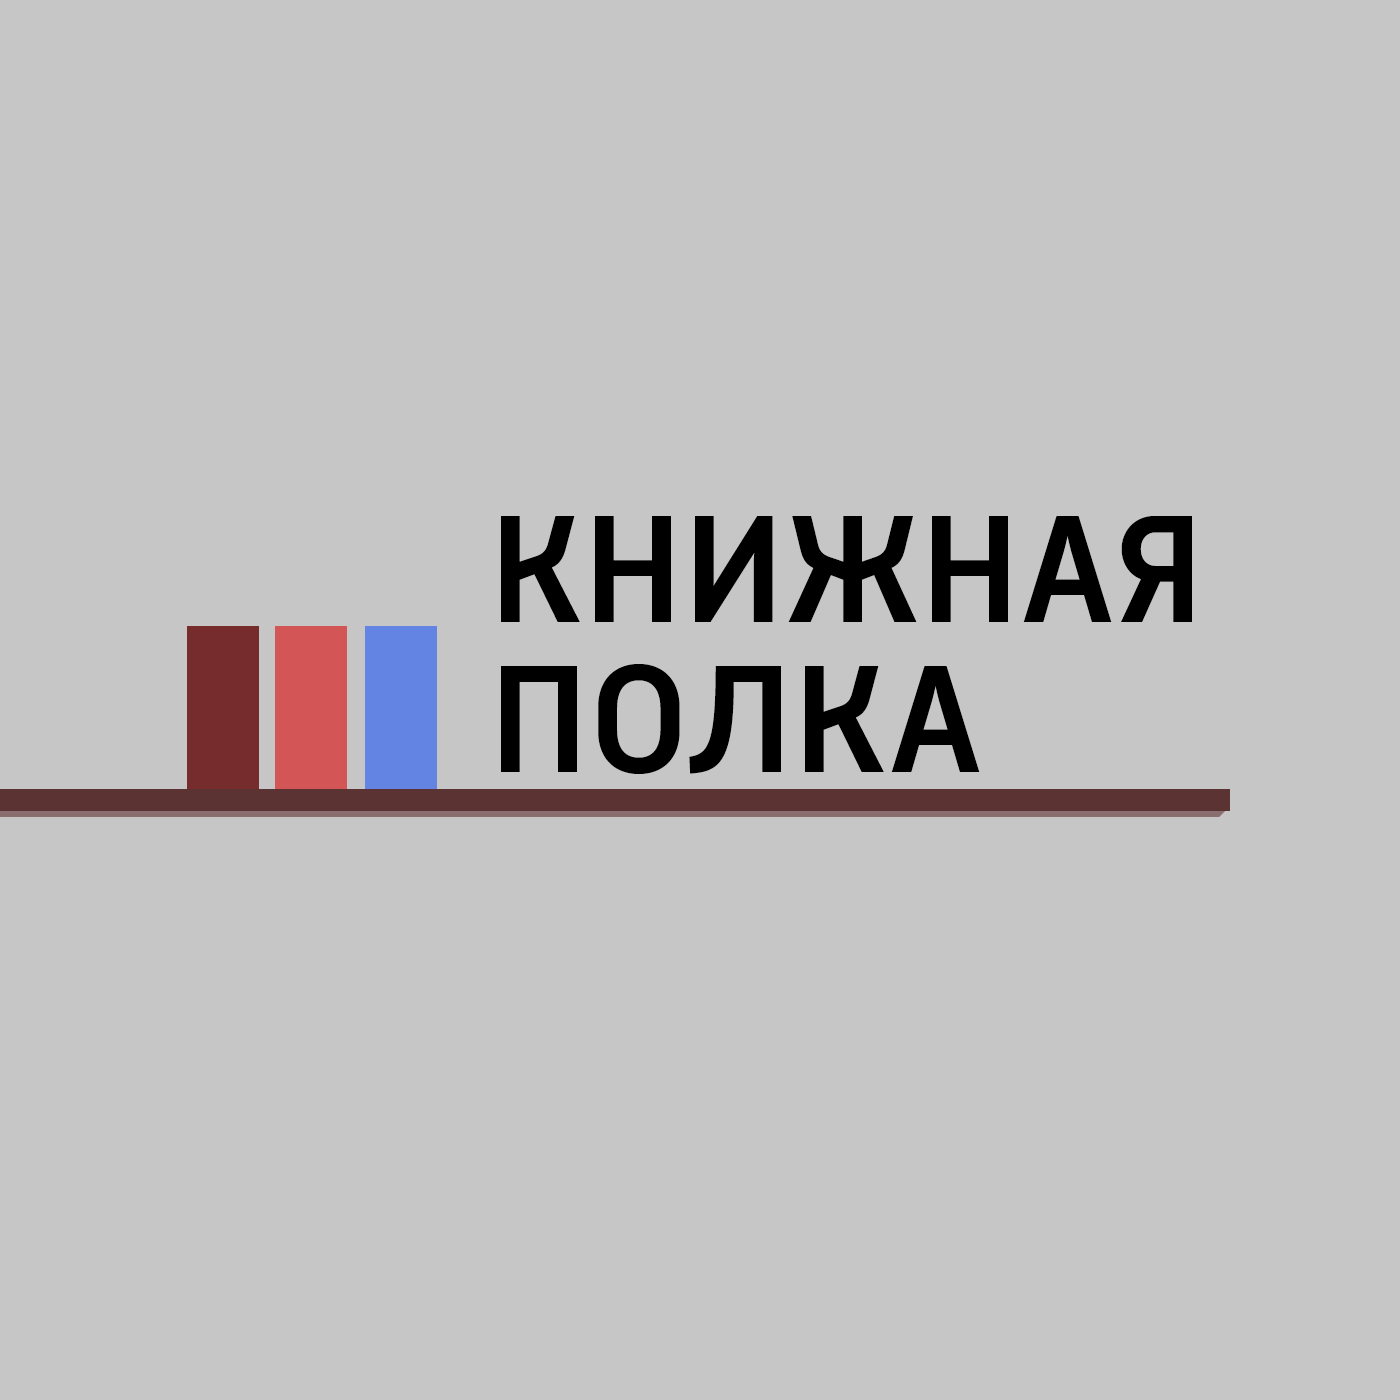 Маргарита Митрофанова Альпина Паблишер: книжные новинки лета